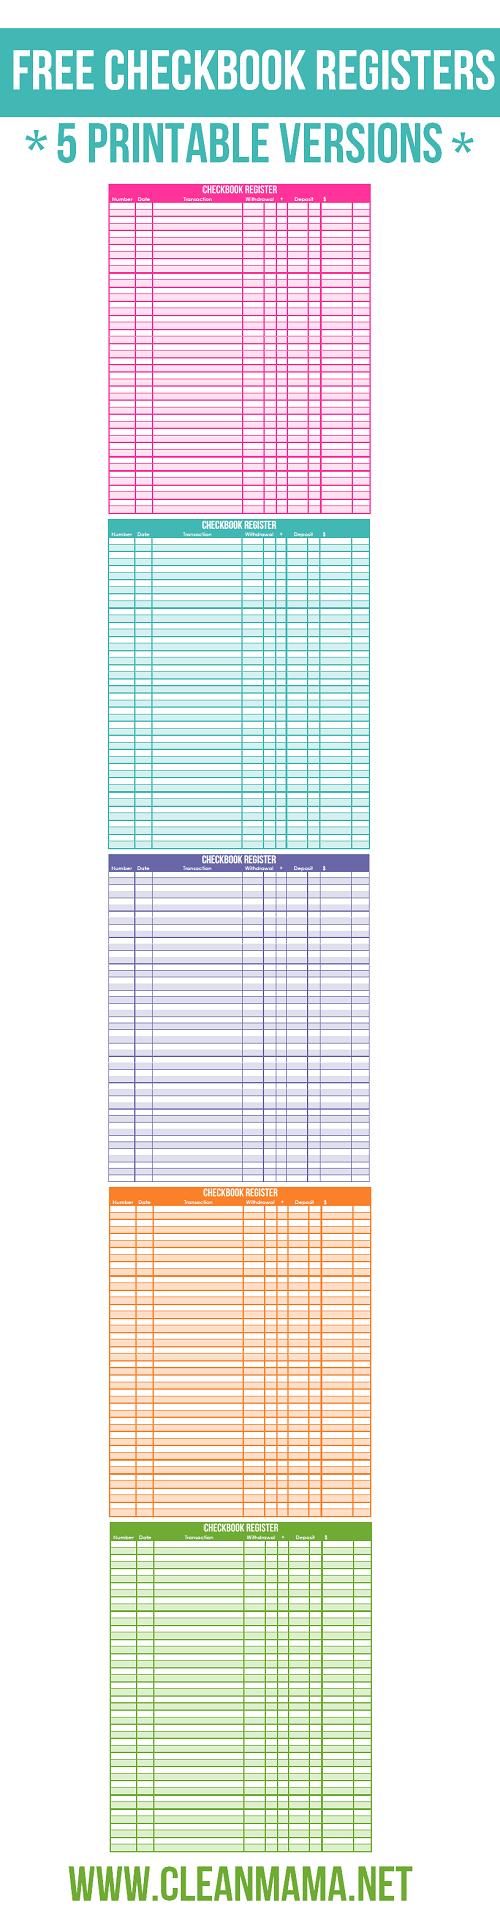 Free Checkbook Registers - 5 Printable Versions - Clean Mama - Free Printable Check Register